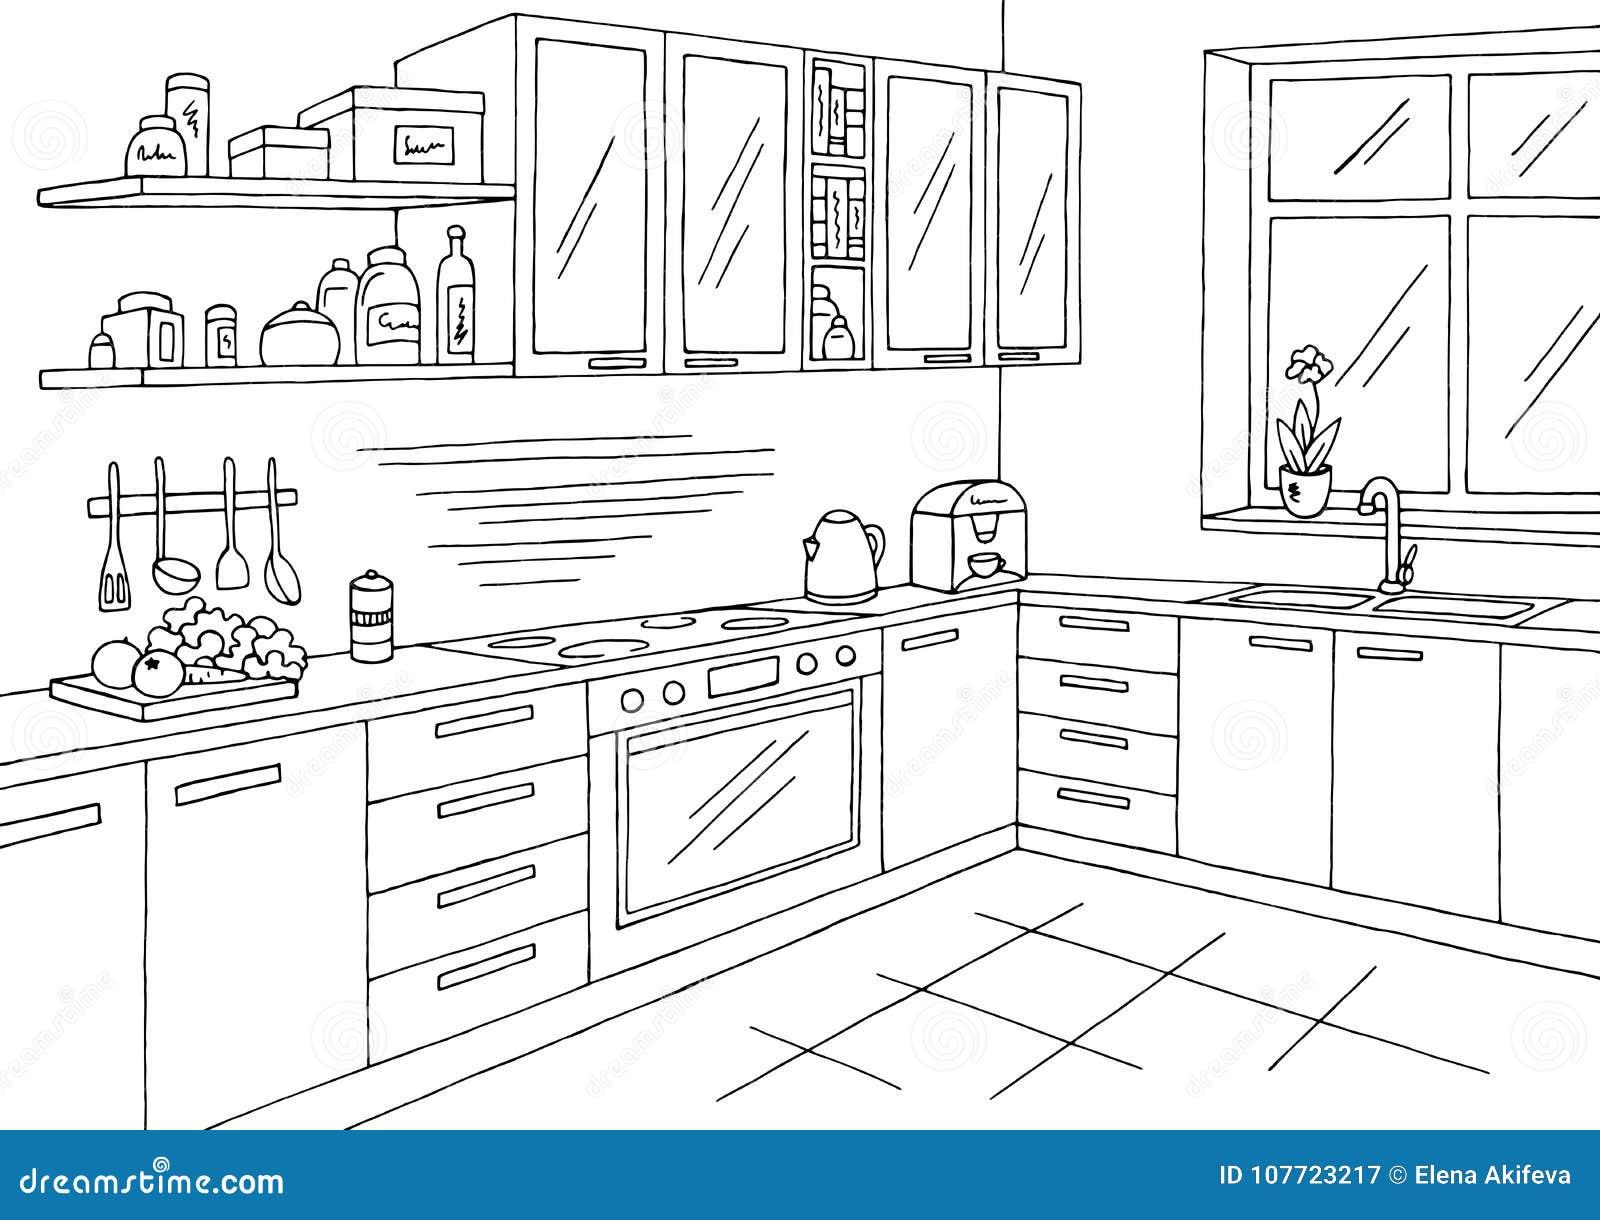 vettore interno bianco nero grafico dell'illustrazione di schizzo